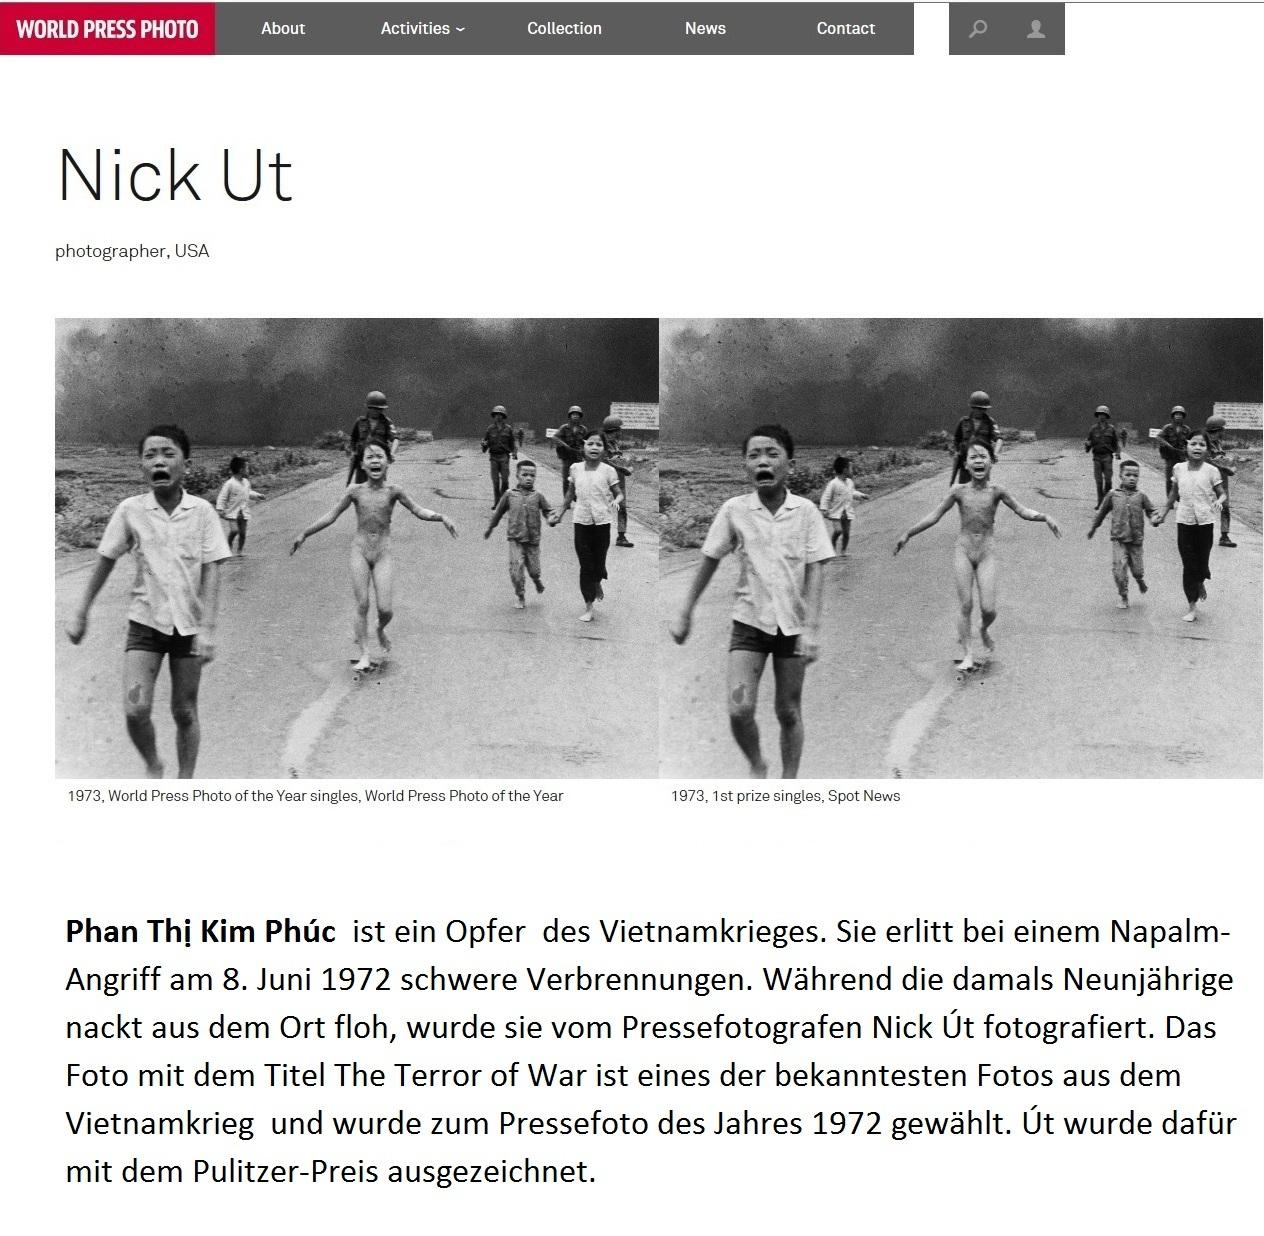 Phan Thị Kim Phúc ist ein Opfer  des Vietnamkrieges. Sie erlitt bei einem Napalm-Angriff am 8. Juni 1972 schwere Verbrennungen. Während die damals Neunjährige nackt aus dem Ort floh, wurde sie vom Pressefotografen Nick Út fotografiert. Das Foto mit dem Titel The Terror of War ist neben der Erschießung von Nguyễn Văn Lém eines der bekanntesten Fotos aus dem Vietnamkrieg  und wurde zum Pressefoto des Jahres 1972 gewählt. Út wurde dafür mit dem Pulitzer-Preis ausgezeichnet.